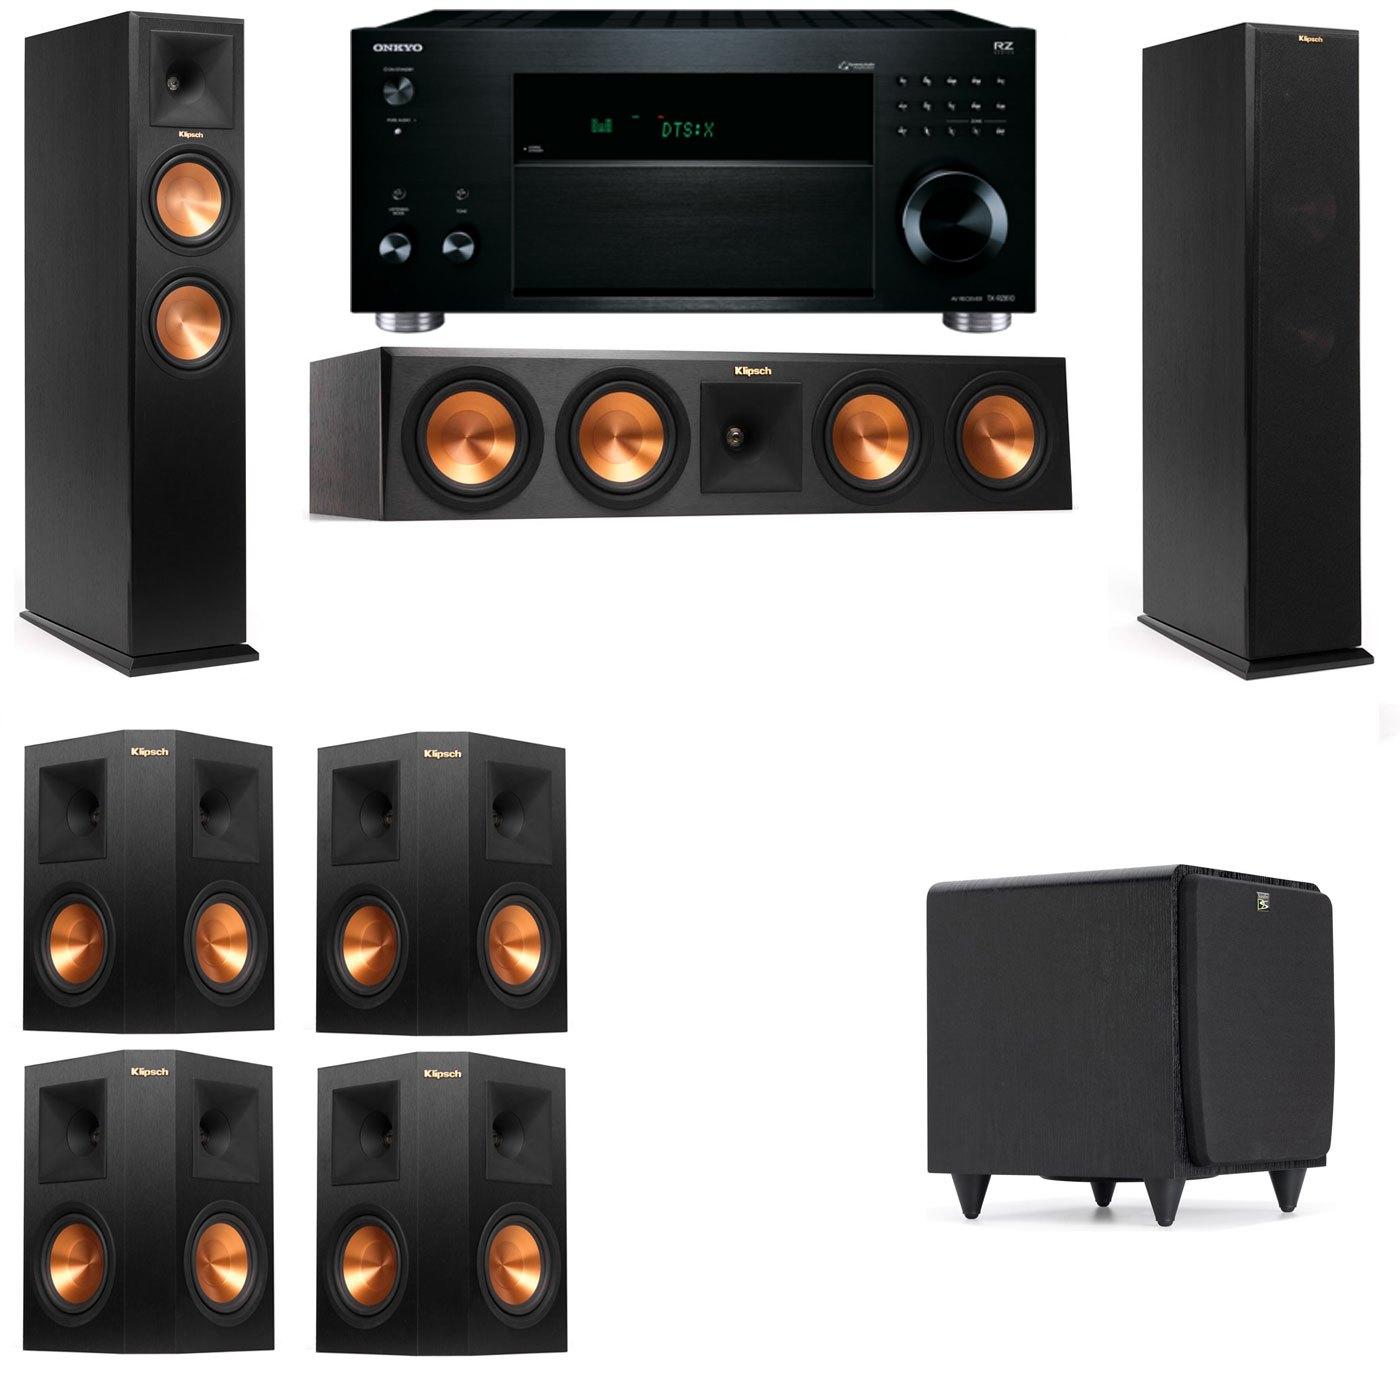 Klipsch RP-260F Tower Speakers-SDS12-7.1-Onkyo TX-RZ810